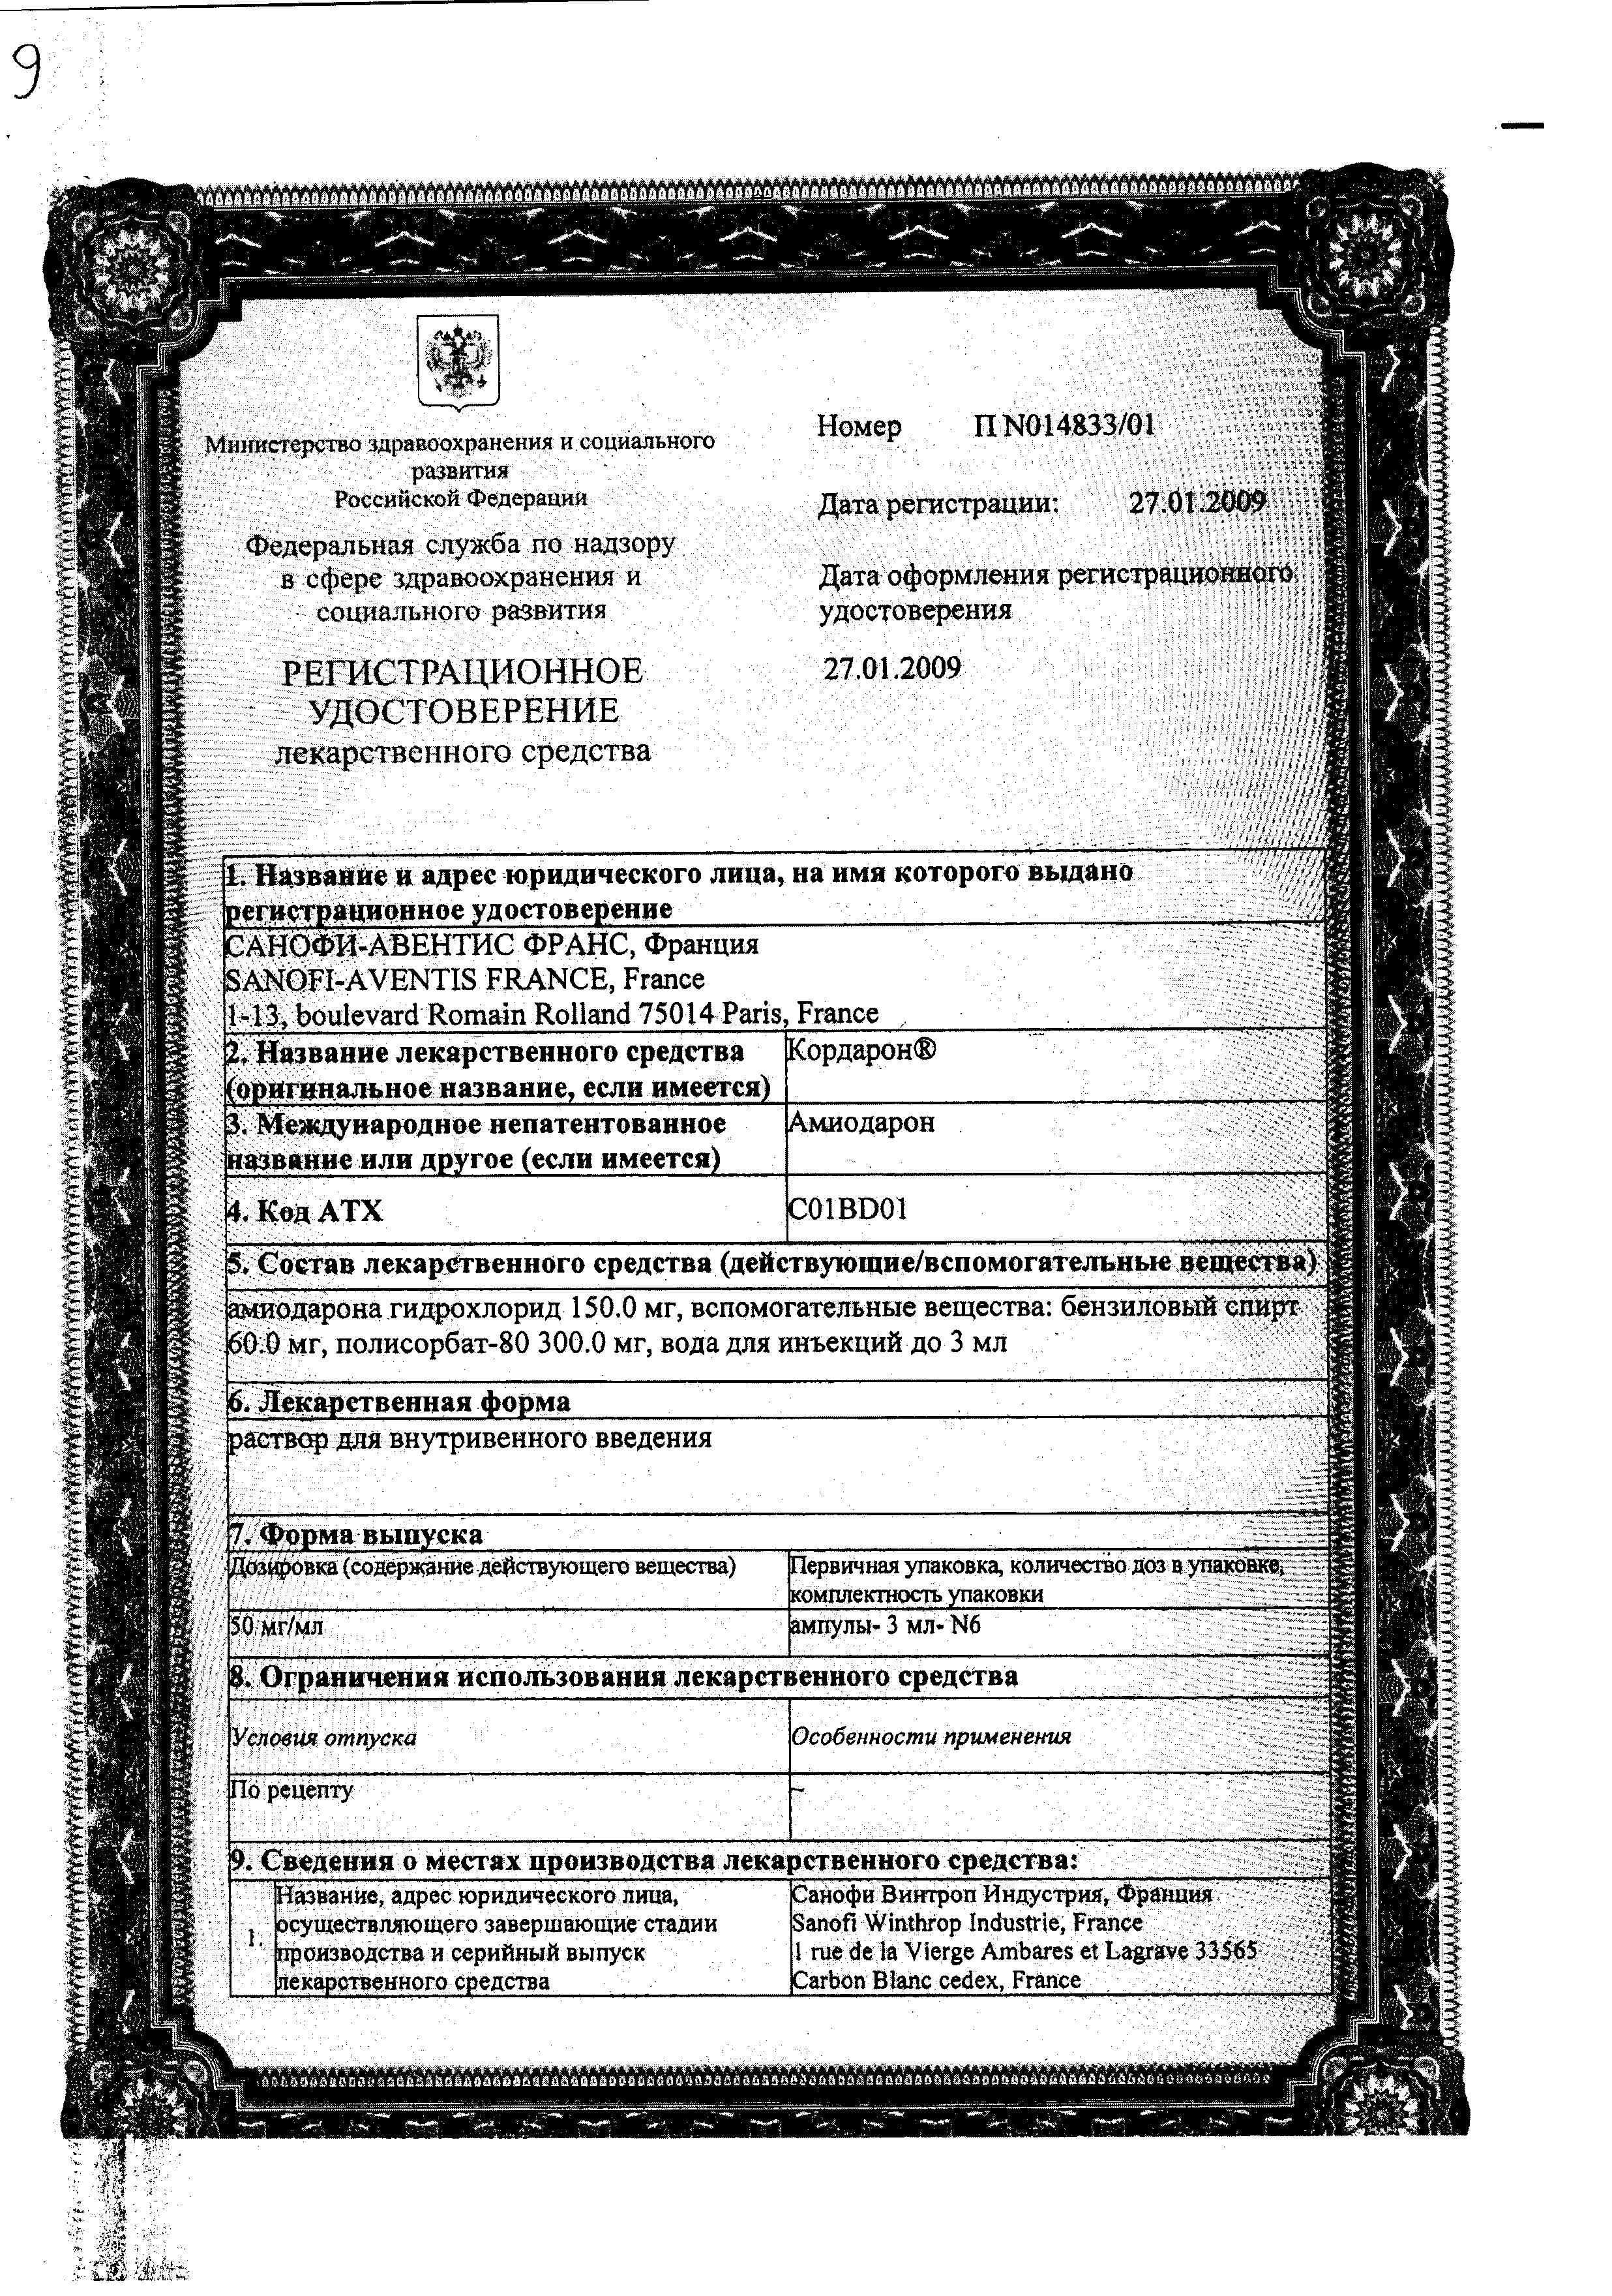 Кордарон сертификат